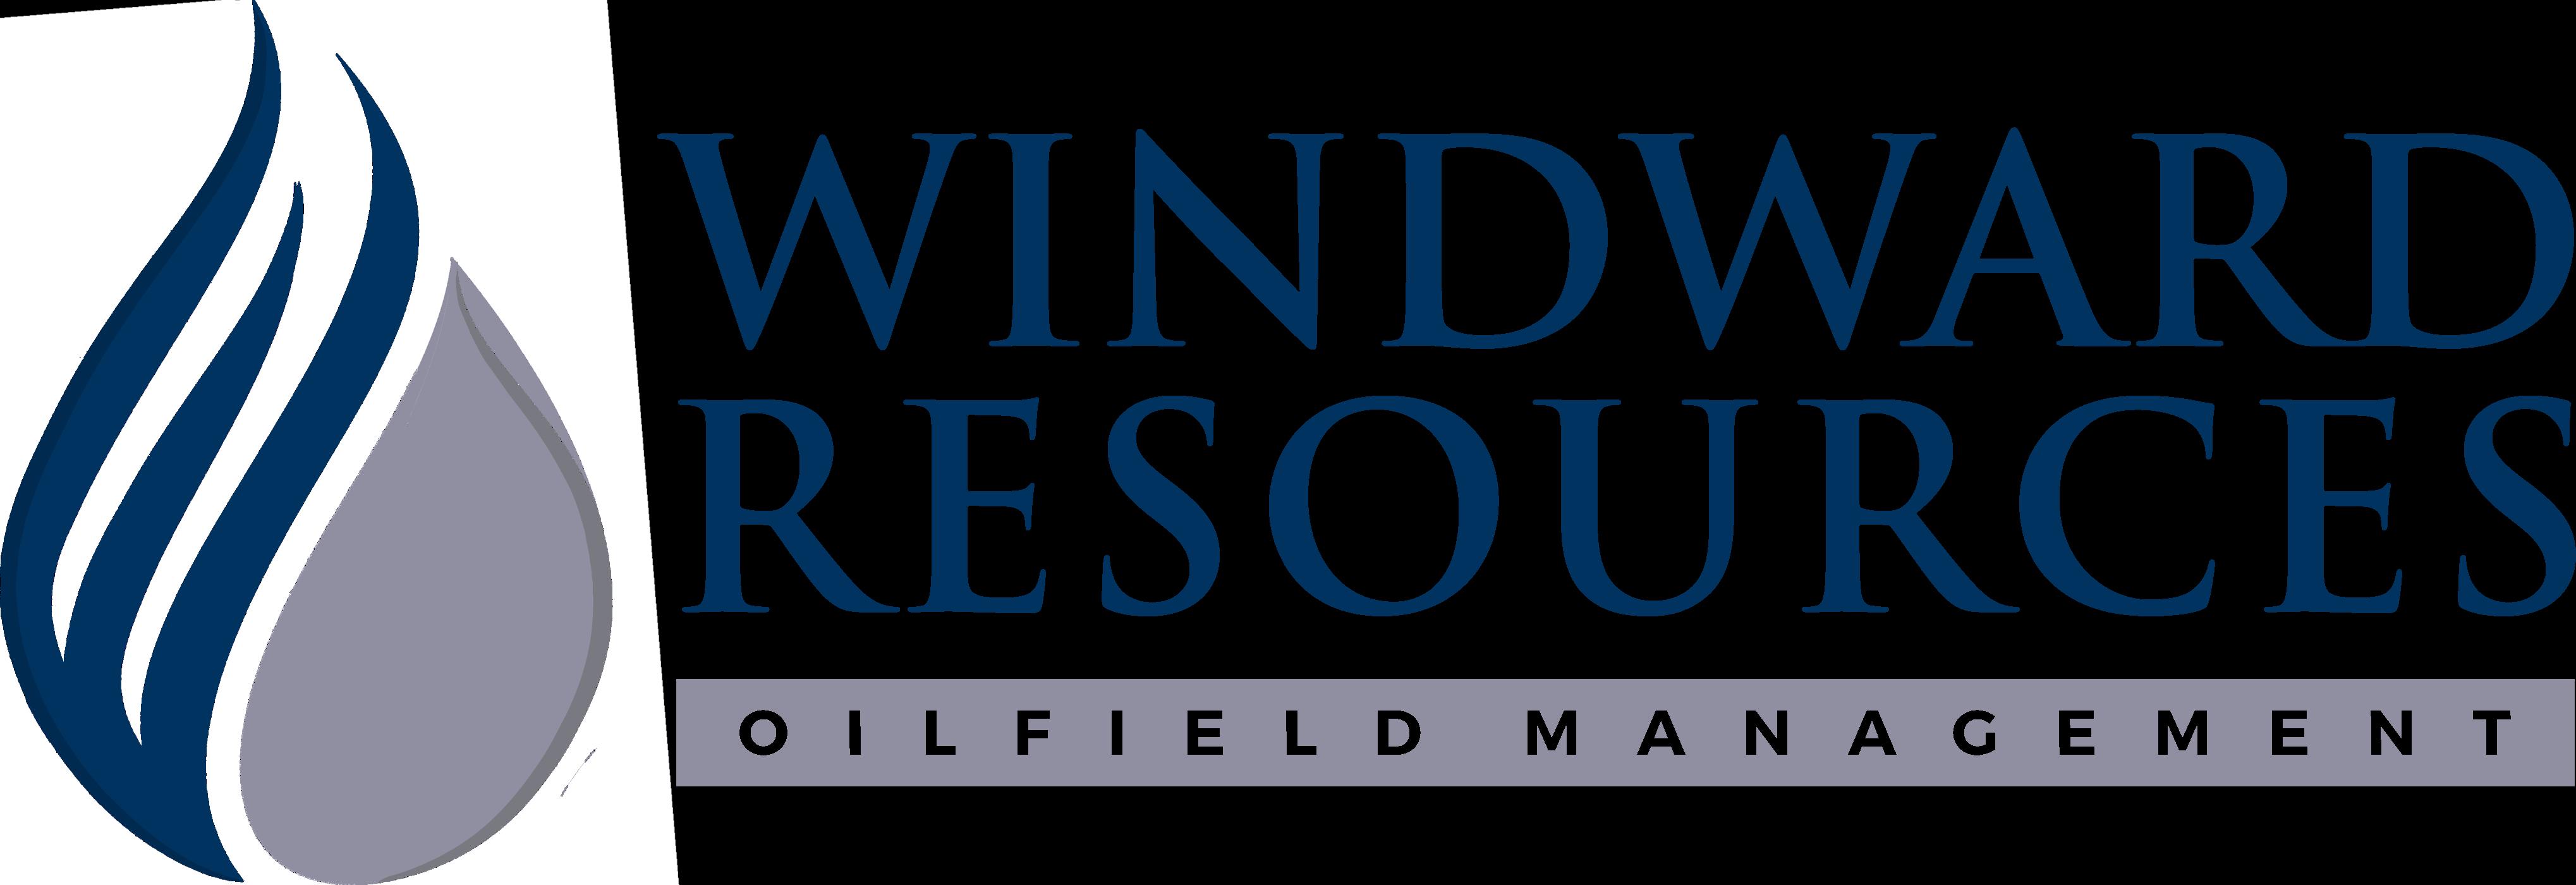 Windward Resources